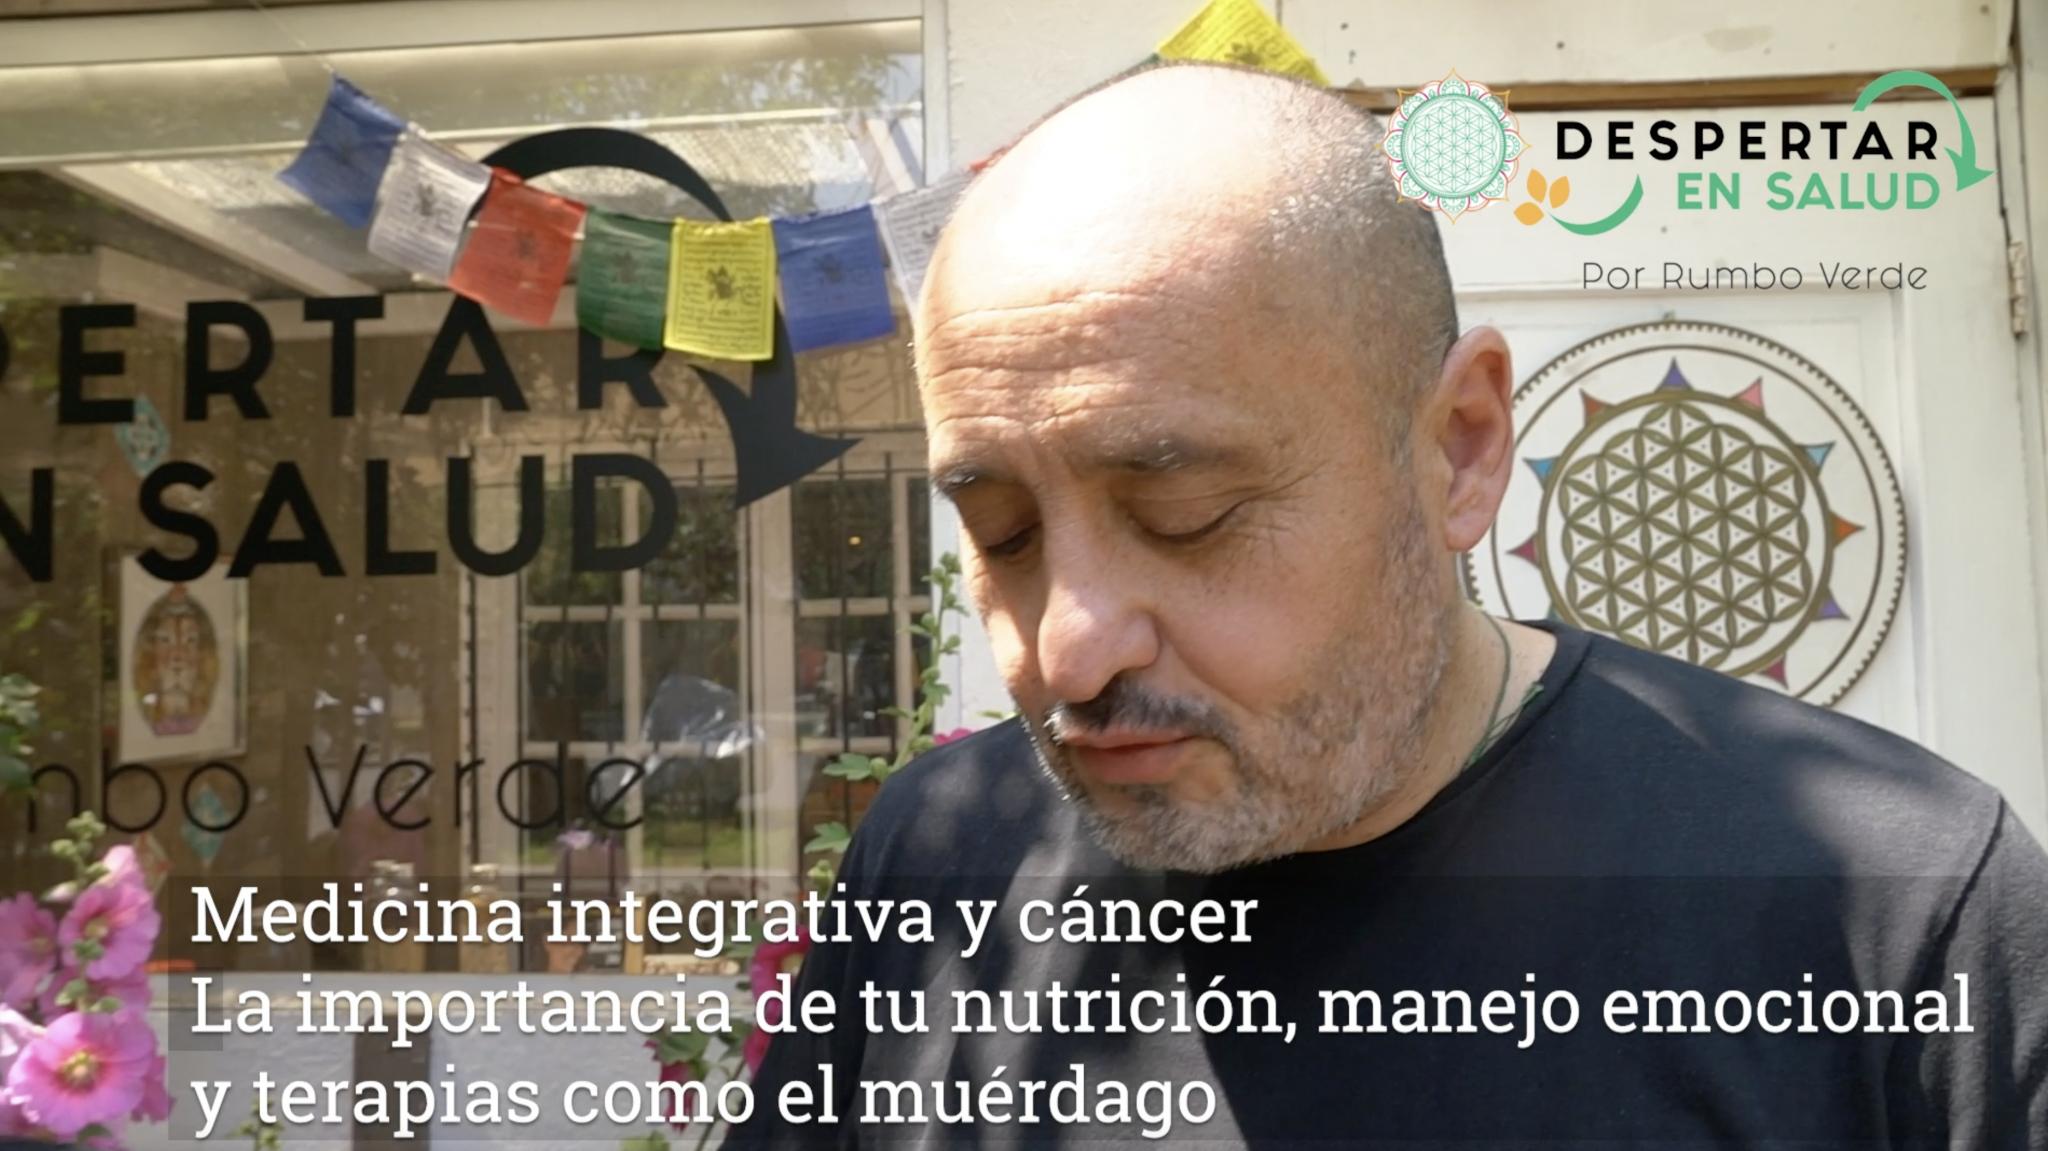 Carlos logró vencer un agresivo cáncer sumando medicina integrativa y un profundo cambio de hábitos